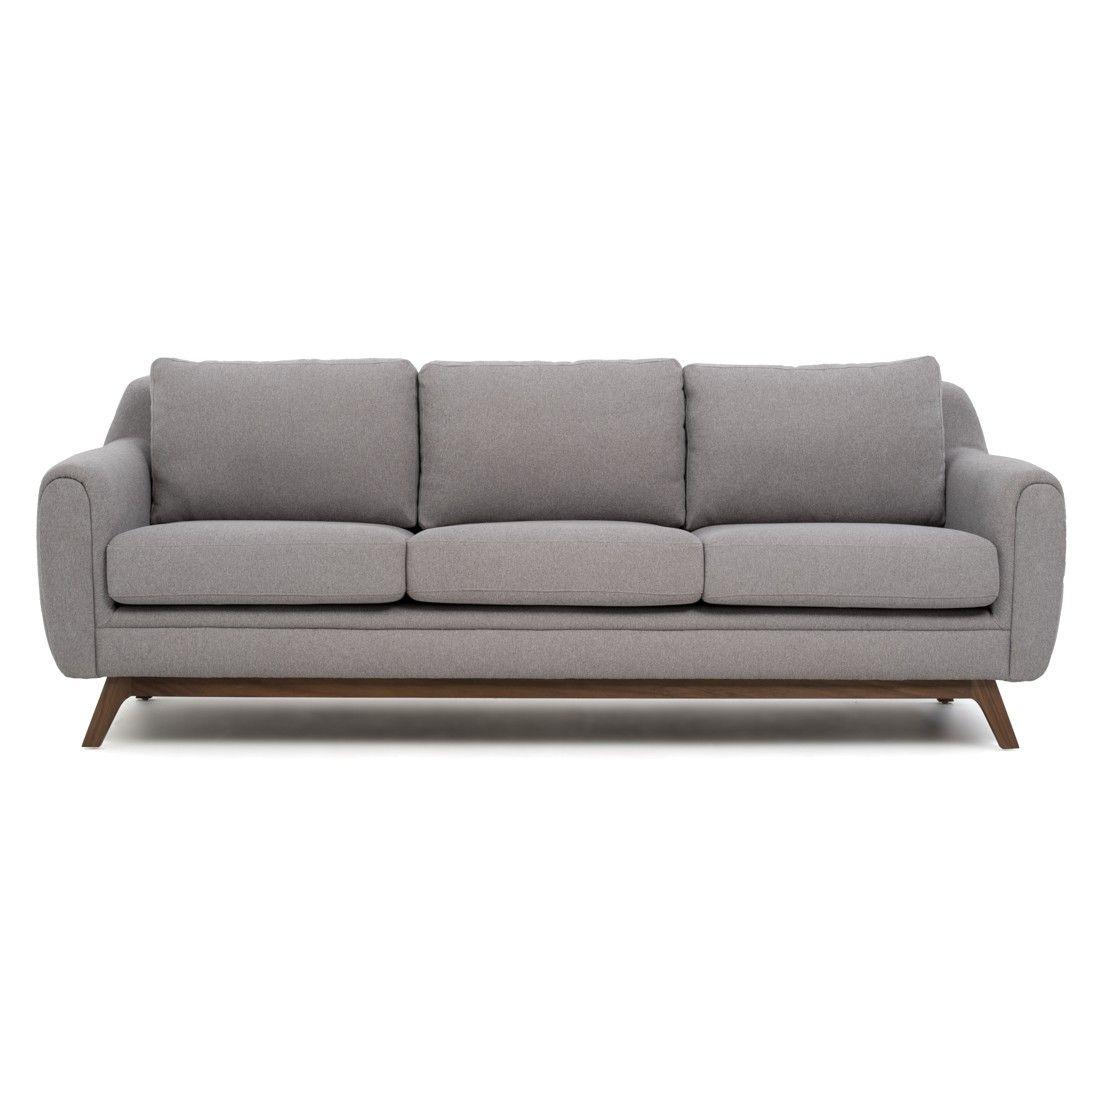 Sareen Meuble Canape Canape Lit Et Sofa Lit